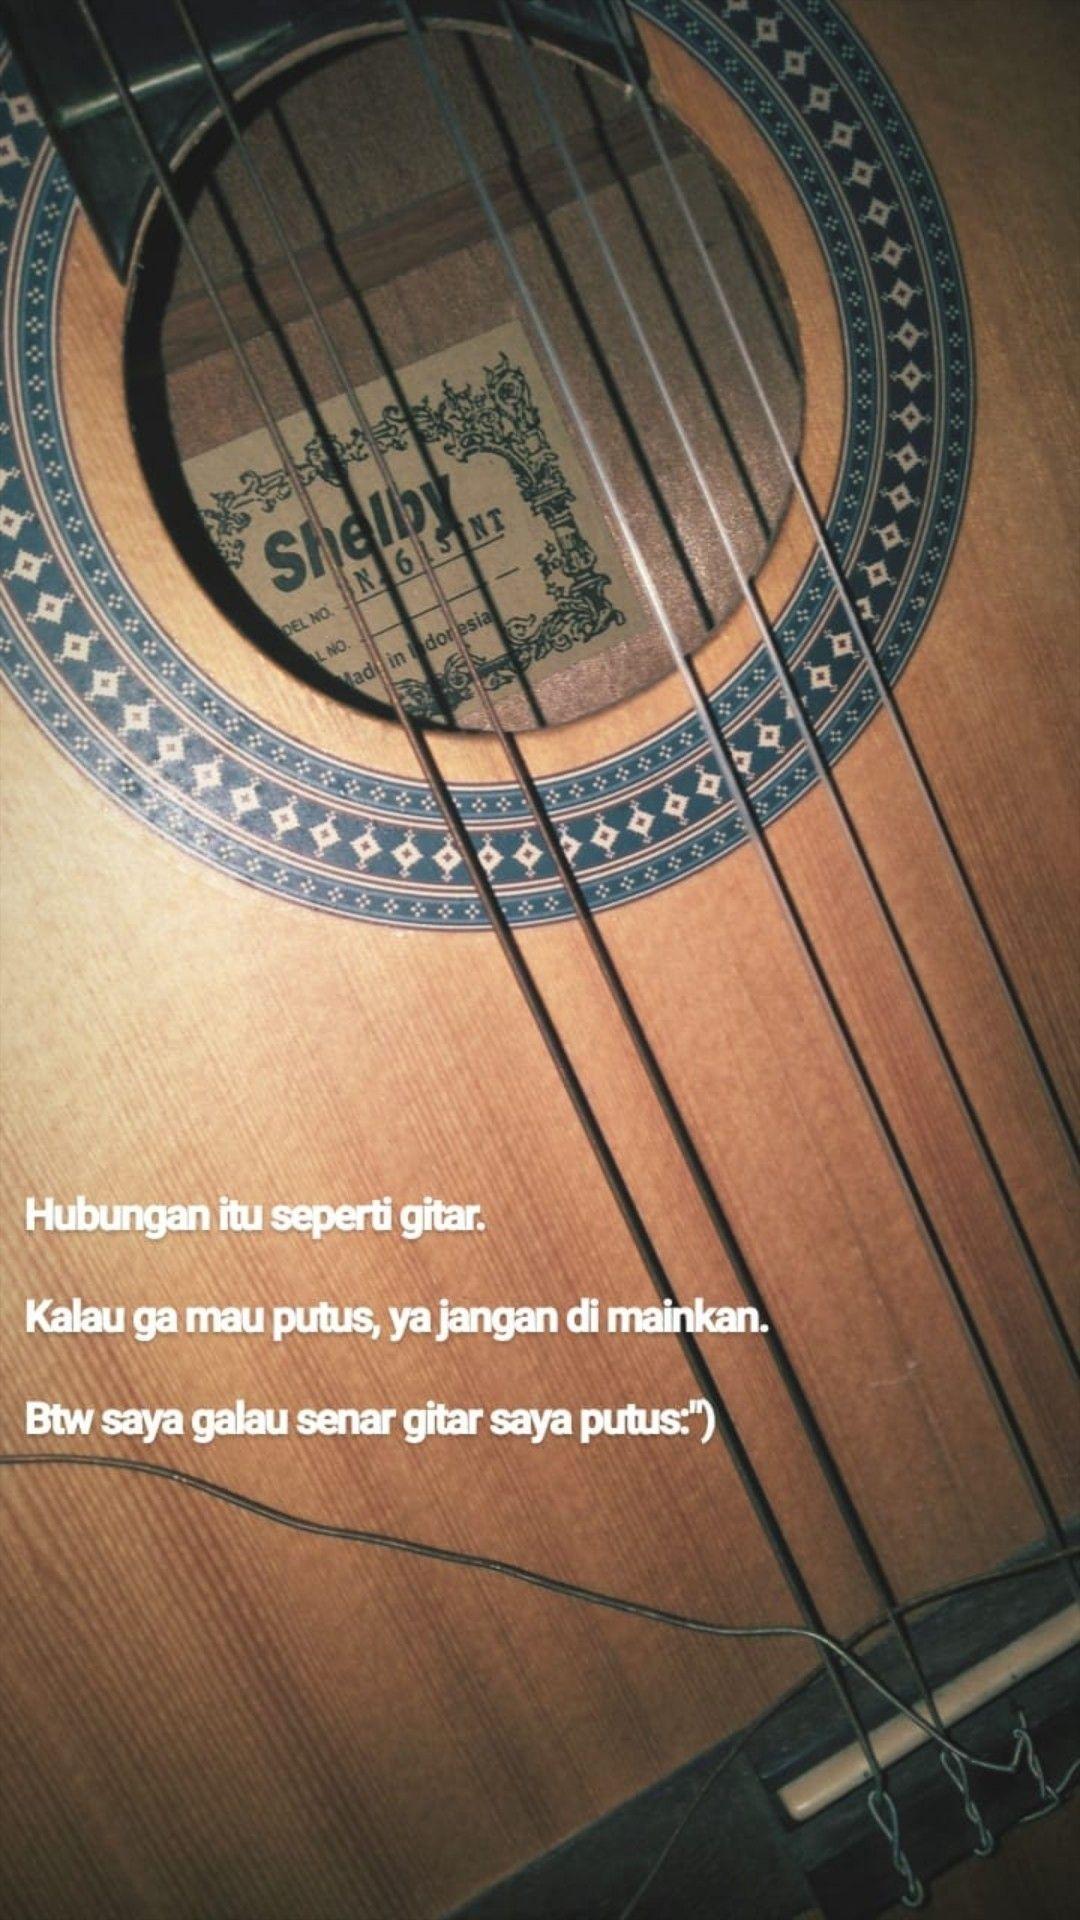 Pin Oleh Ber Eksi Di Amitie Kutipan Buku Kata Kata Mutiara Kutipan